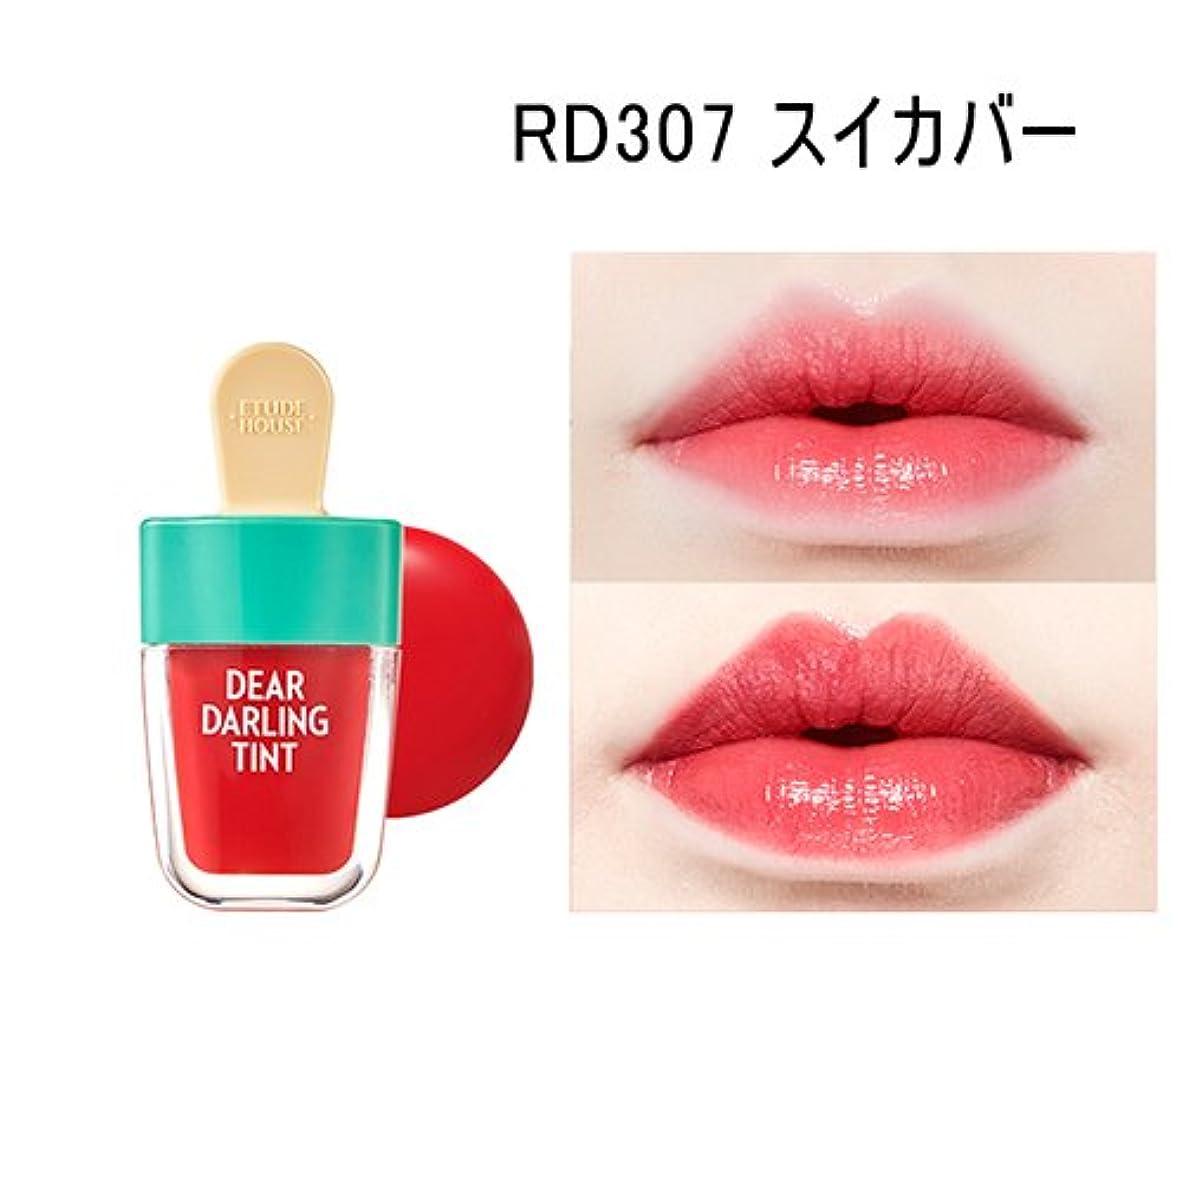 アウトドアスペース荒れ地Etude House(エチュードハウス) [夏限定]ディアー ダーリン ウォータージェル ティント/Dear Darling Water Gel Tint(4.5g) (RD307(スイカレッド)) [並行輸入品]